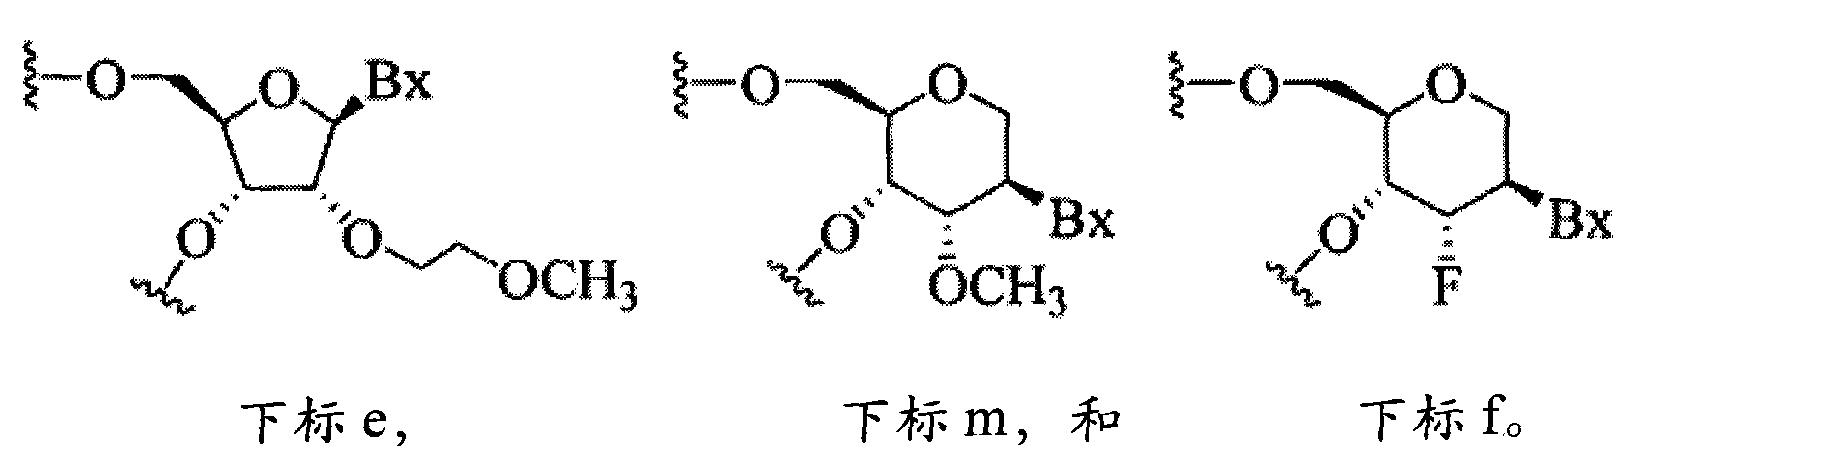 Figure CN101821277BD00961